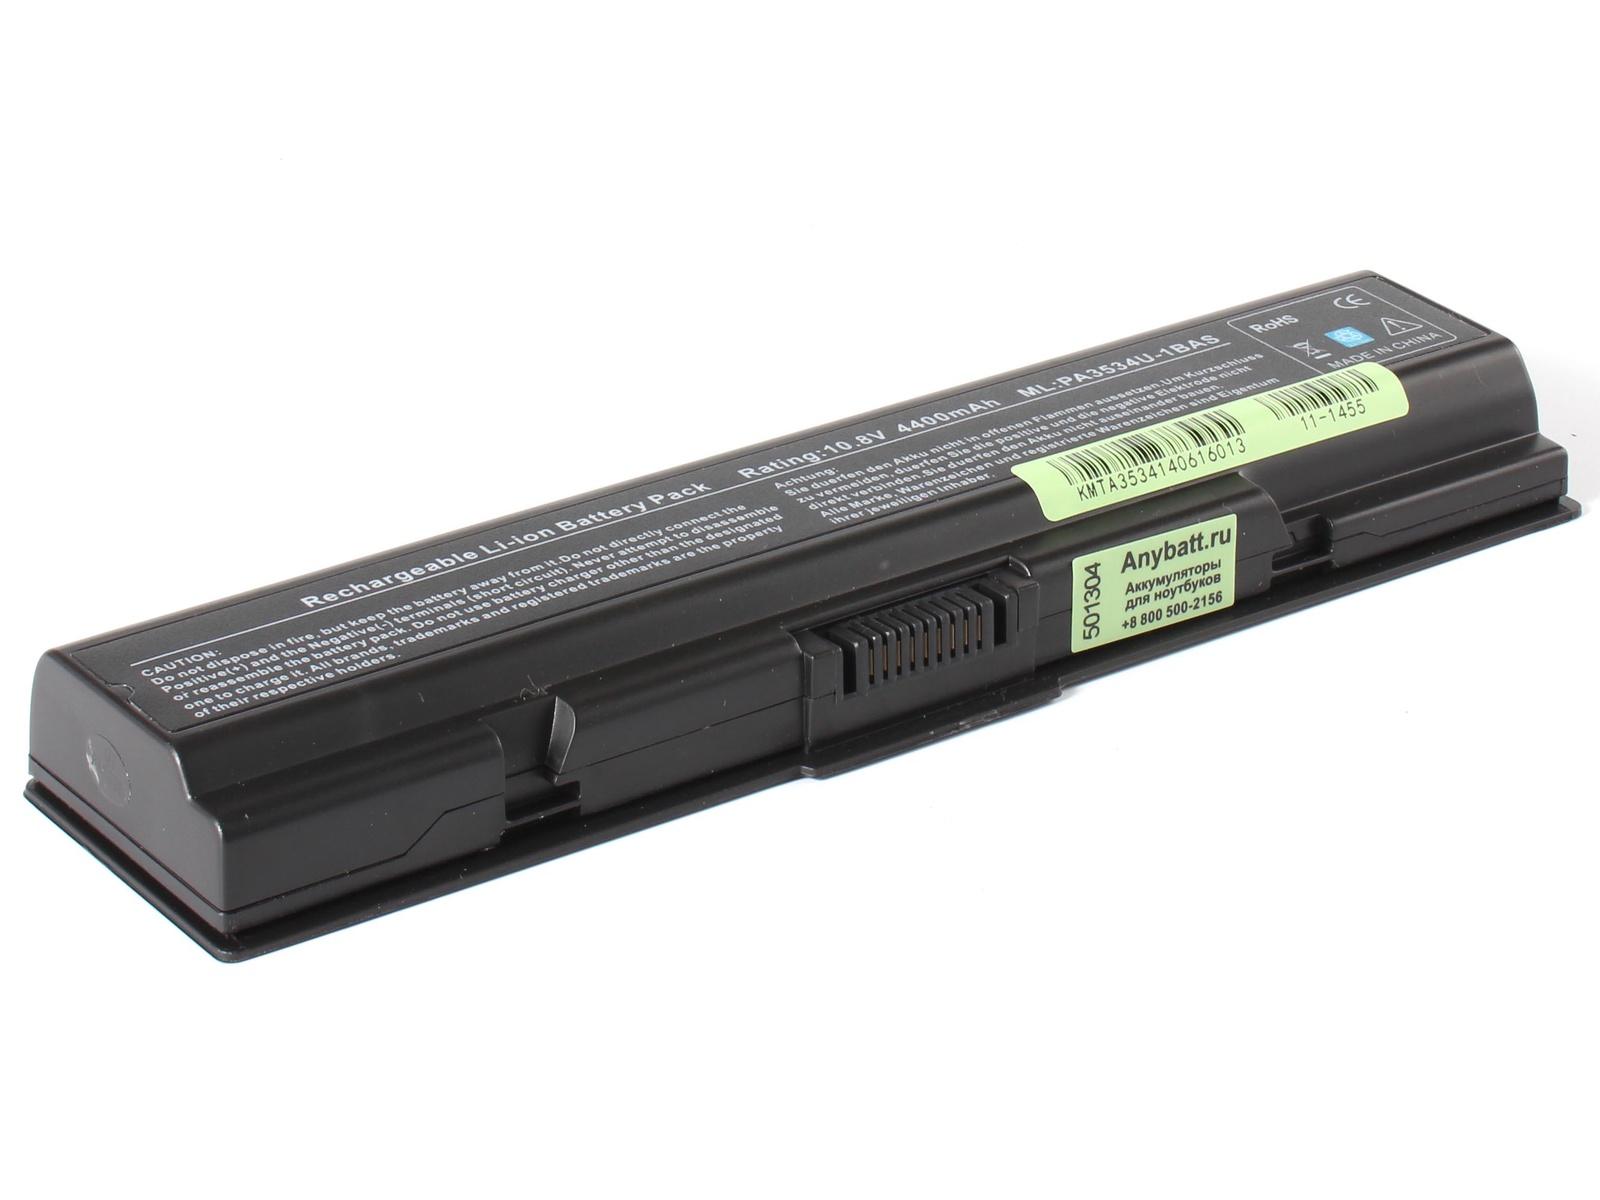 Аккумулятор для ноутбука AnyBatt для ToshiBa Satellite A200-23W, Satellite A300-215, Satellite A300-24X, Satellite A350D-20G, Satellite L305-S5875, Satellite L400, Satellite L450-11Q, Satellite L500-17L, Satellite L500-1UJ AnyBatt